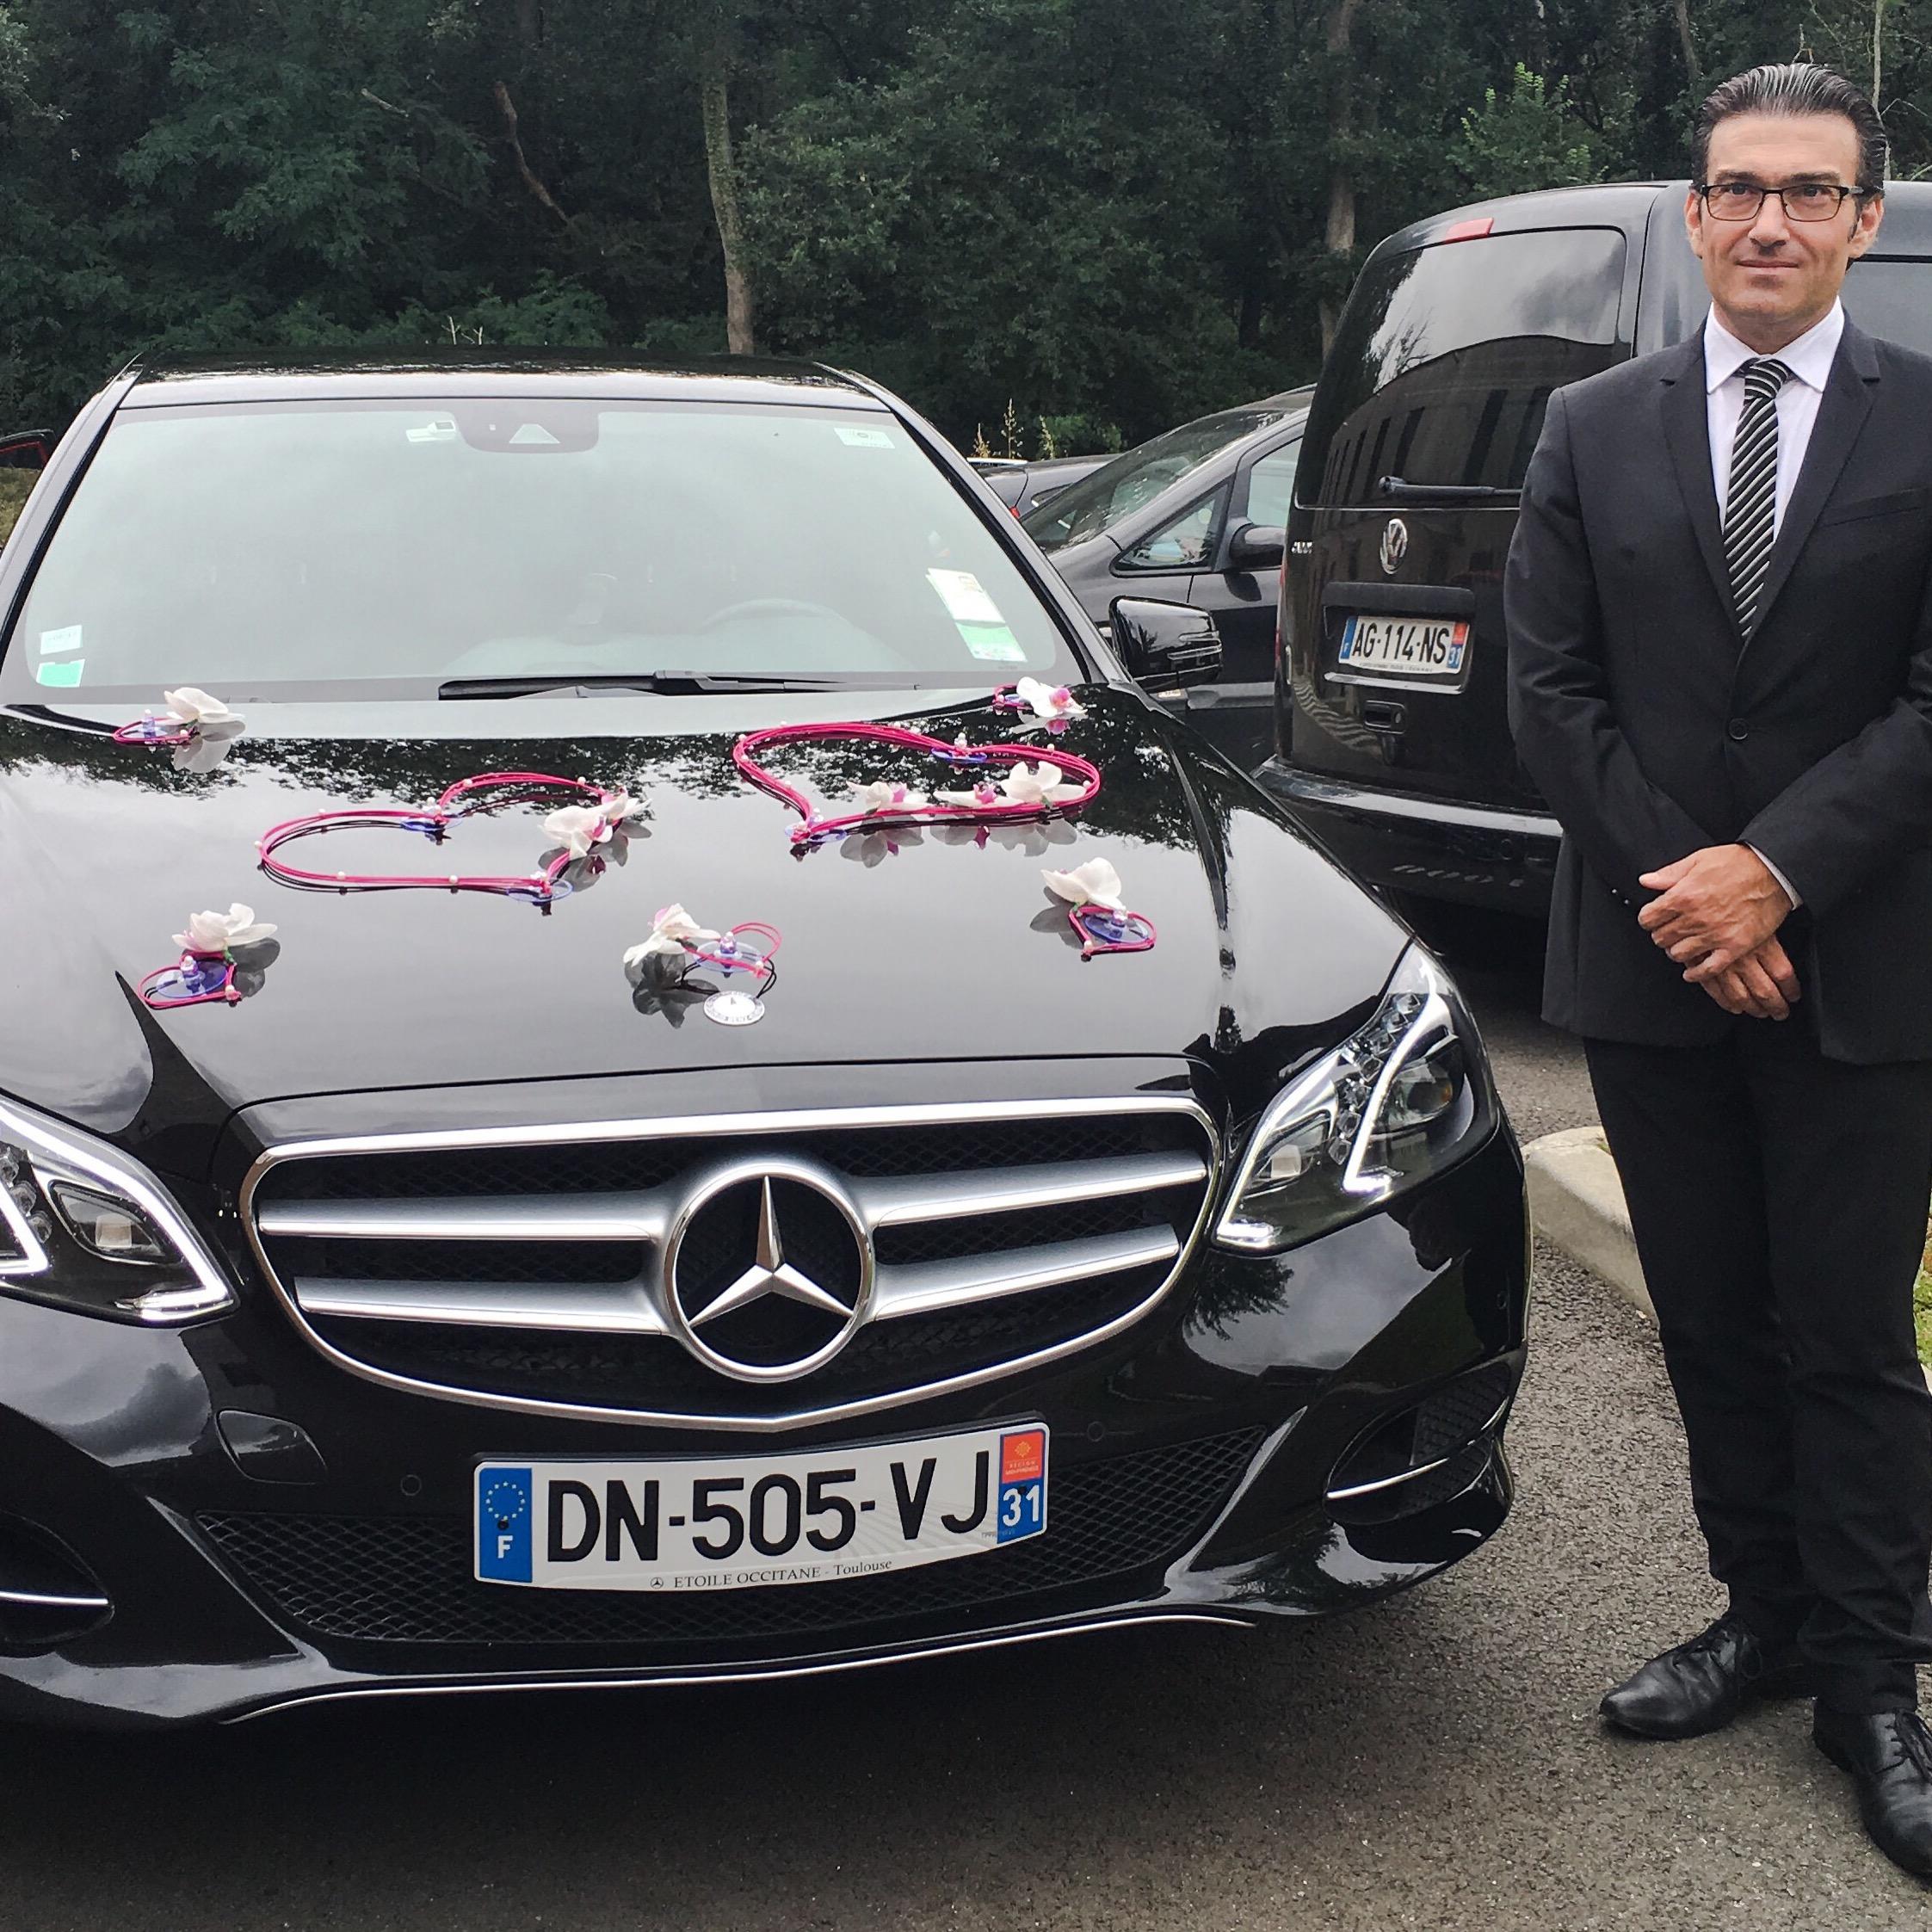 Réservez votre Chauffeur-Privé / VTC pour votre prochain Mariage autour de Toulouse